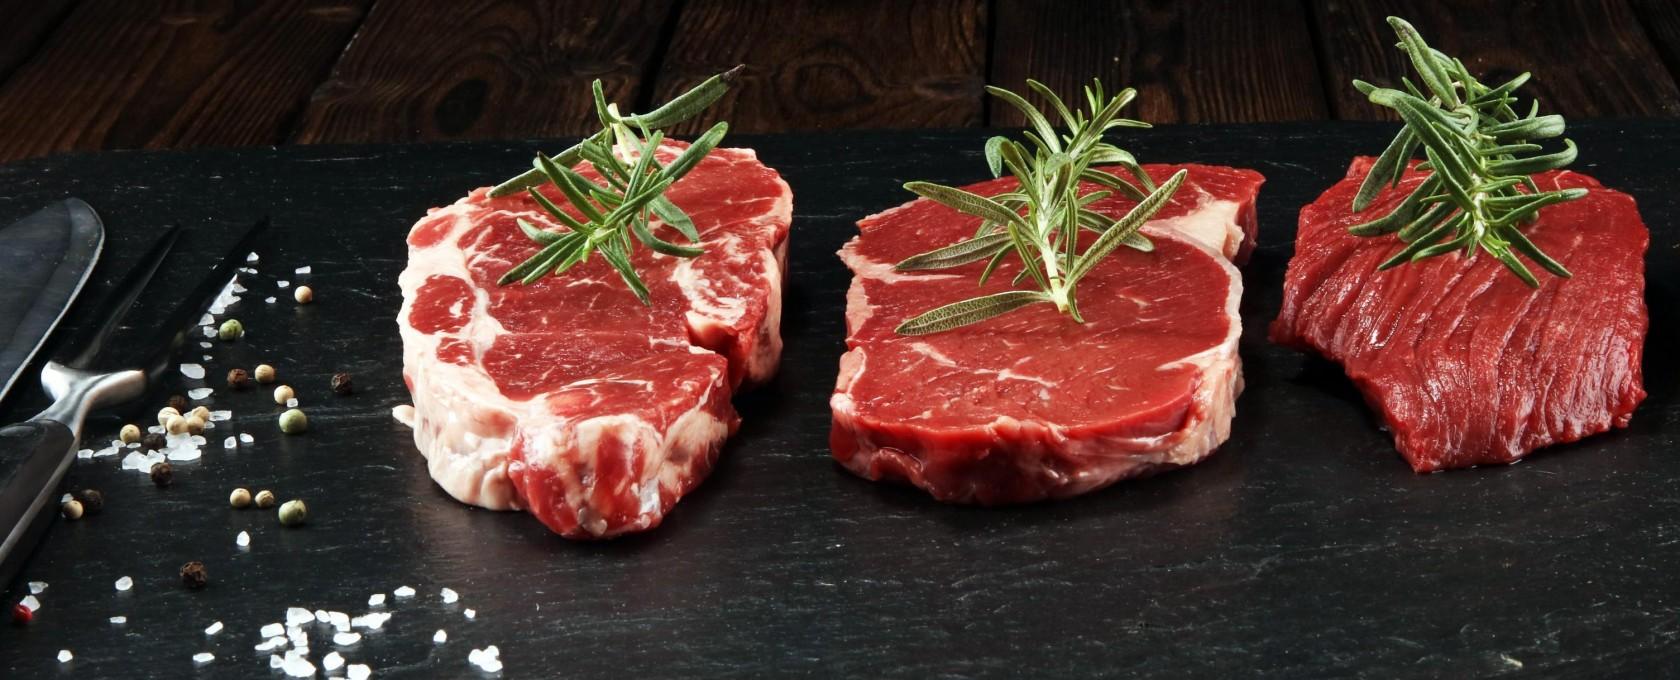 Bestes Angus Fleisch aus schonender Schlachtung